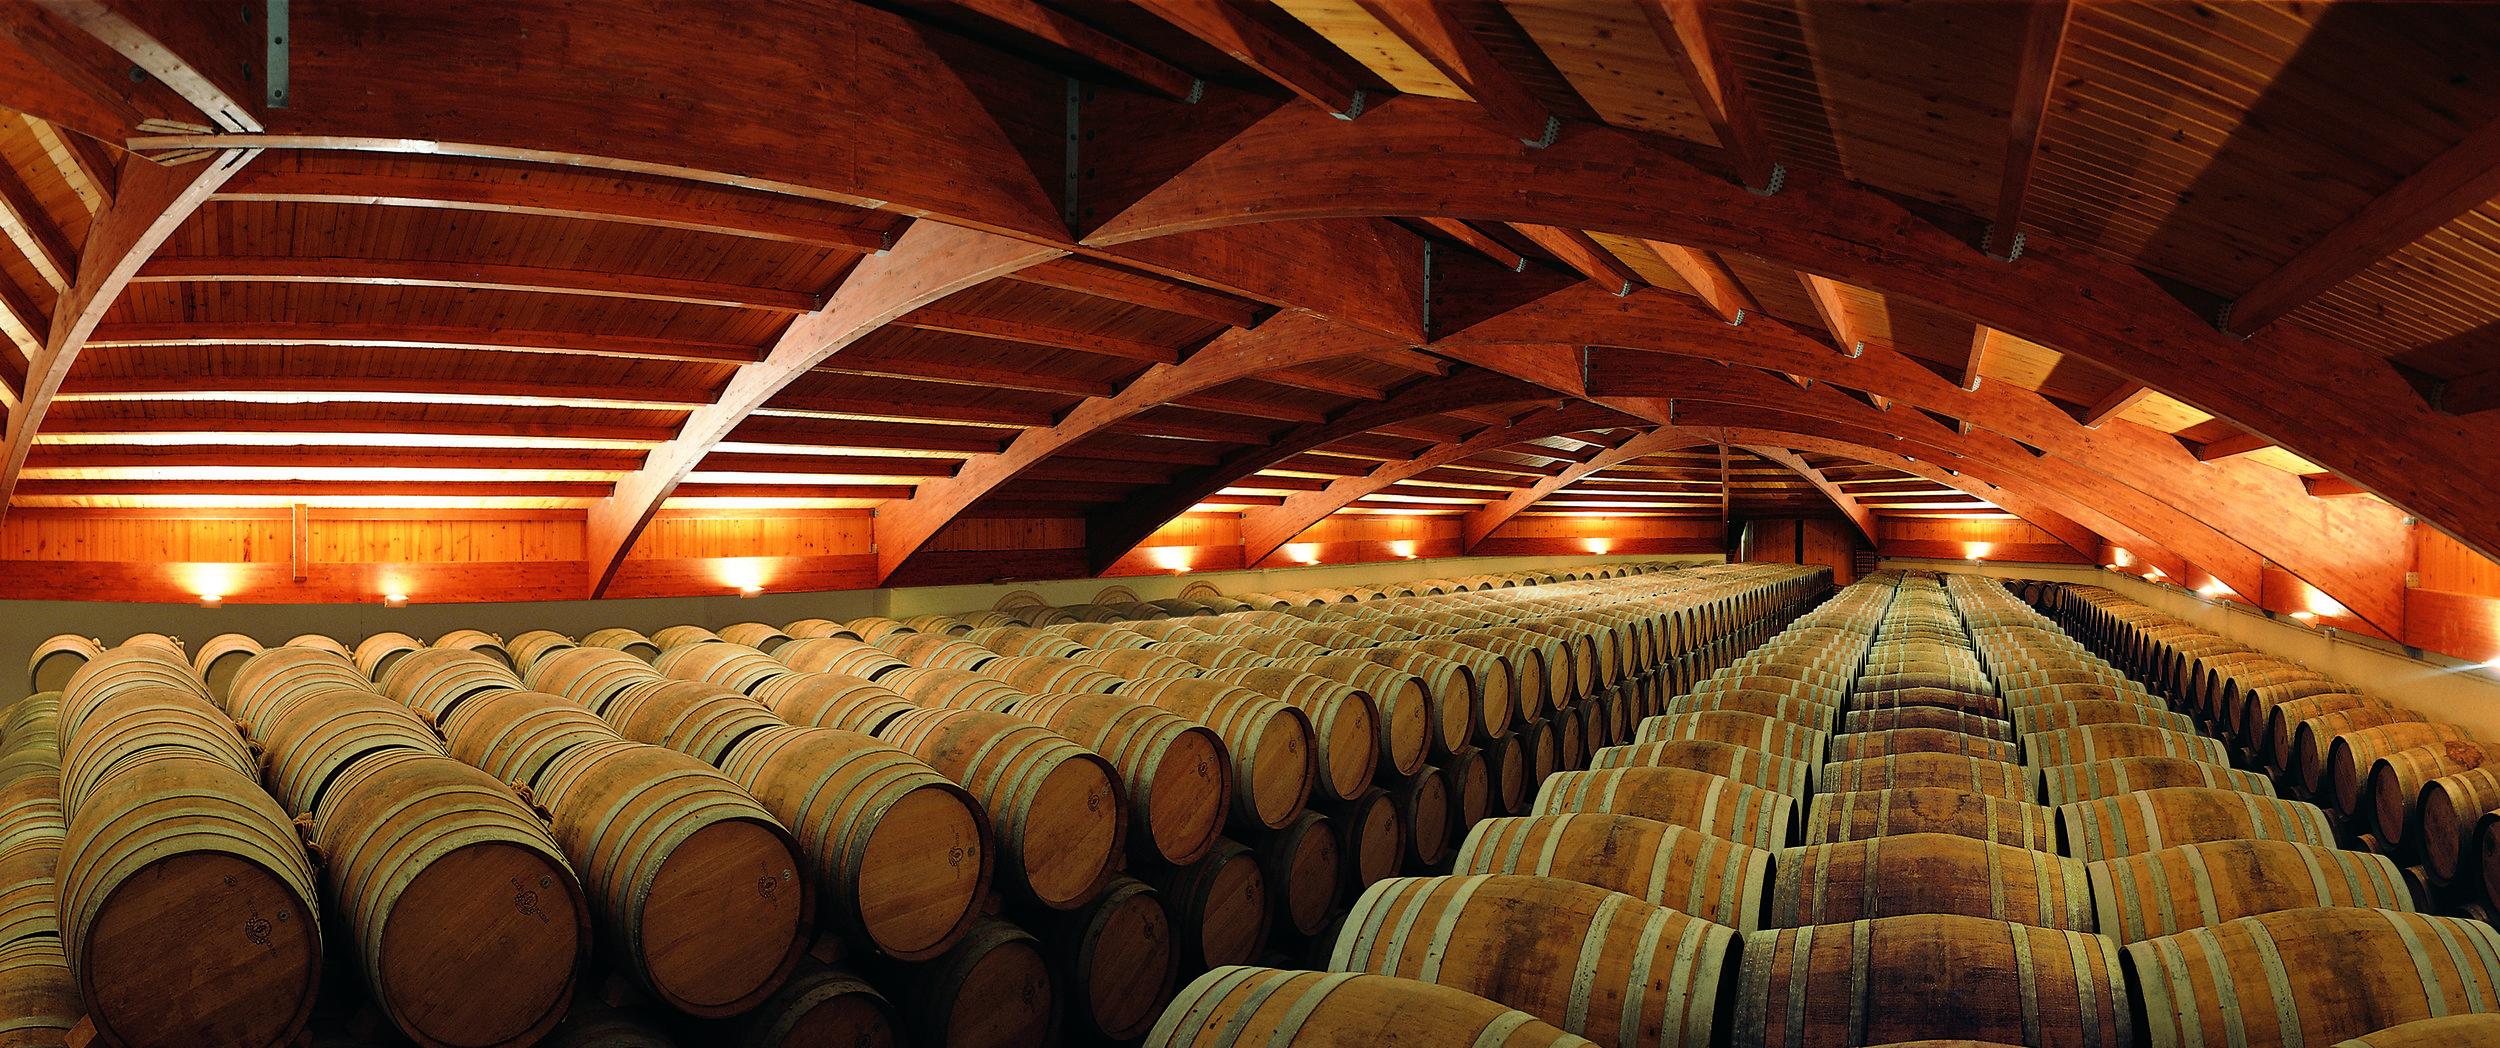 B Campillo_panoramica barrels.jpg